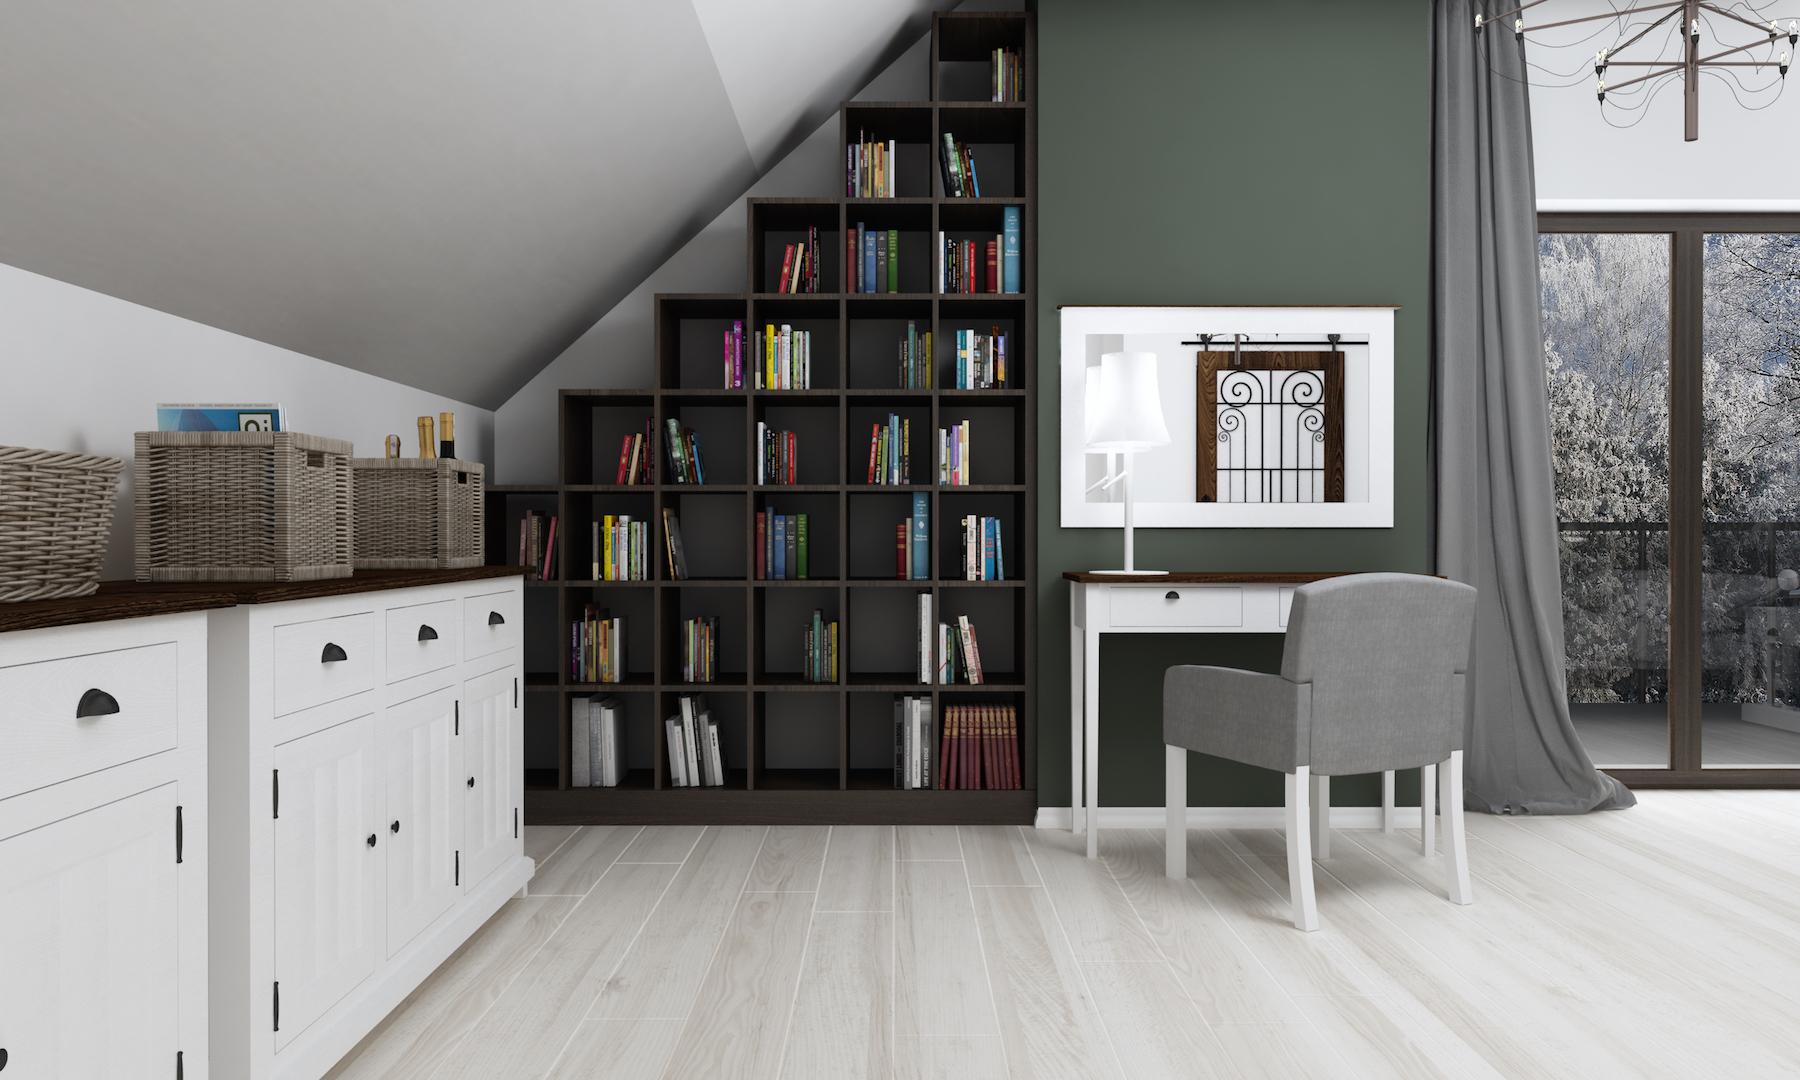 wnętrze styl kolonialny, drewno, wnętrze klasyczne, nowoczesna klasyka we wnętrzu